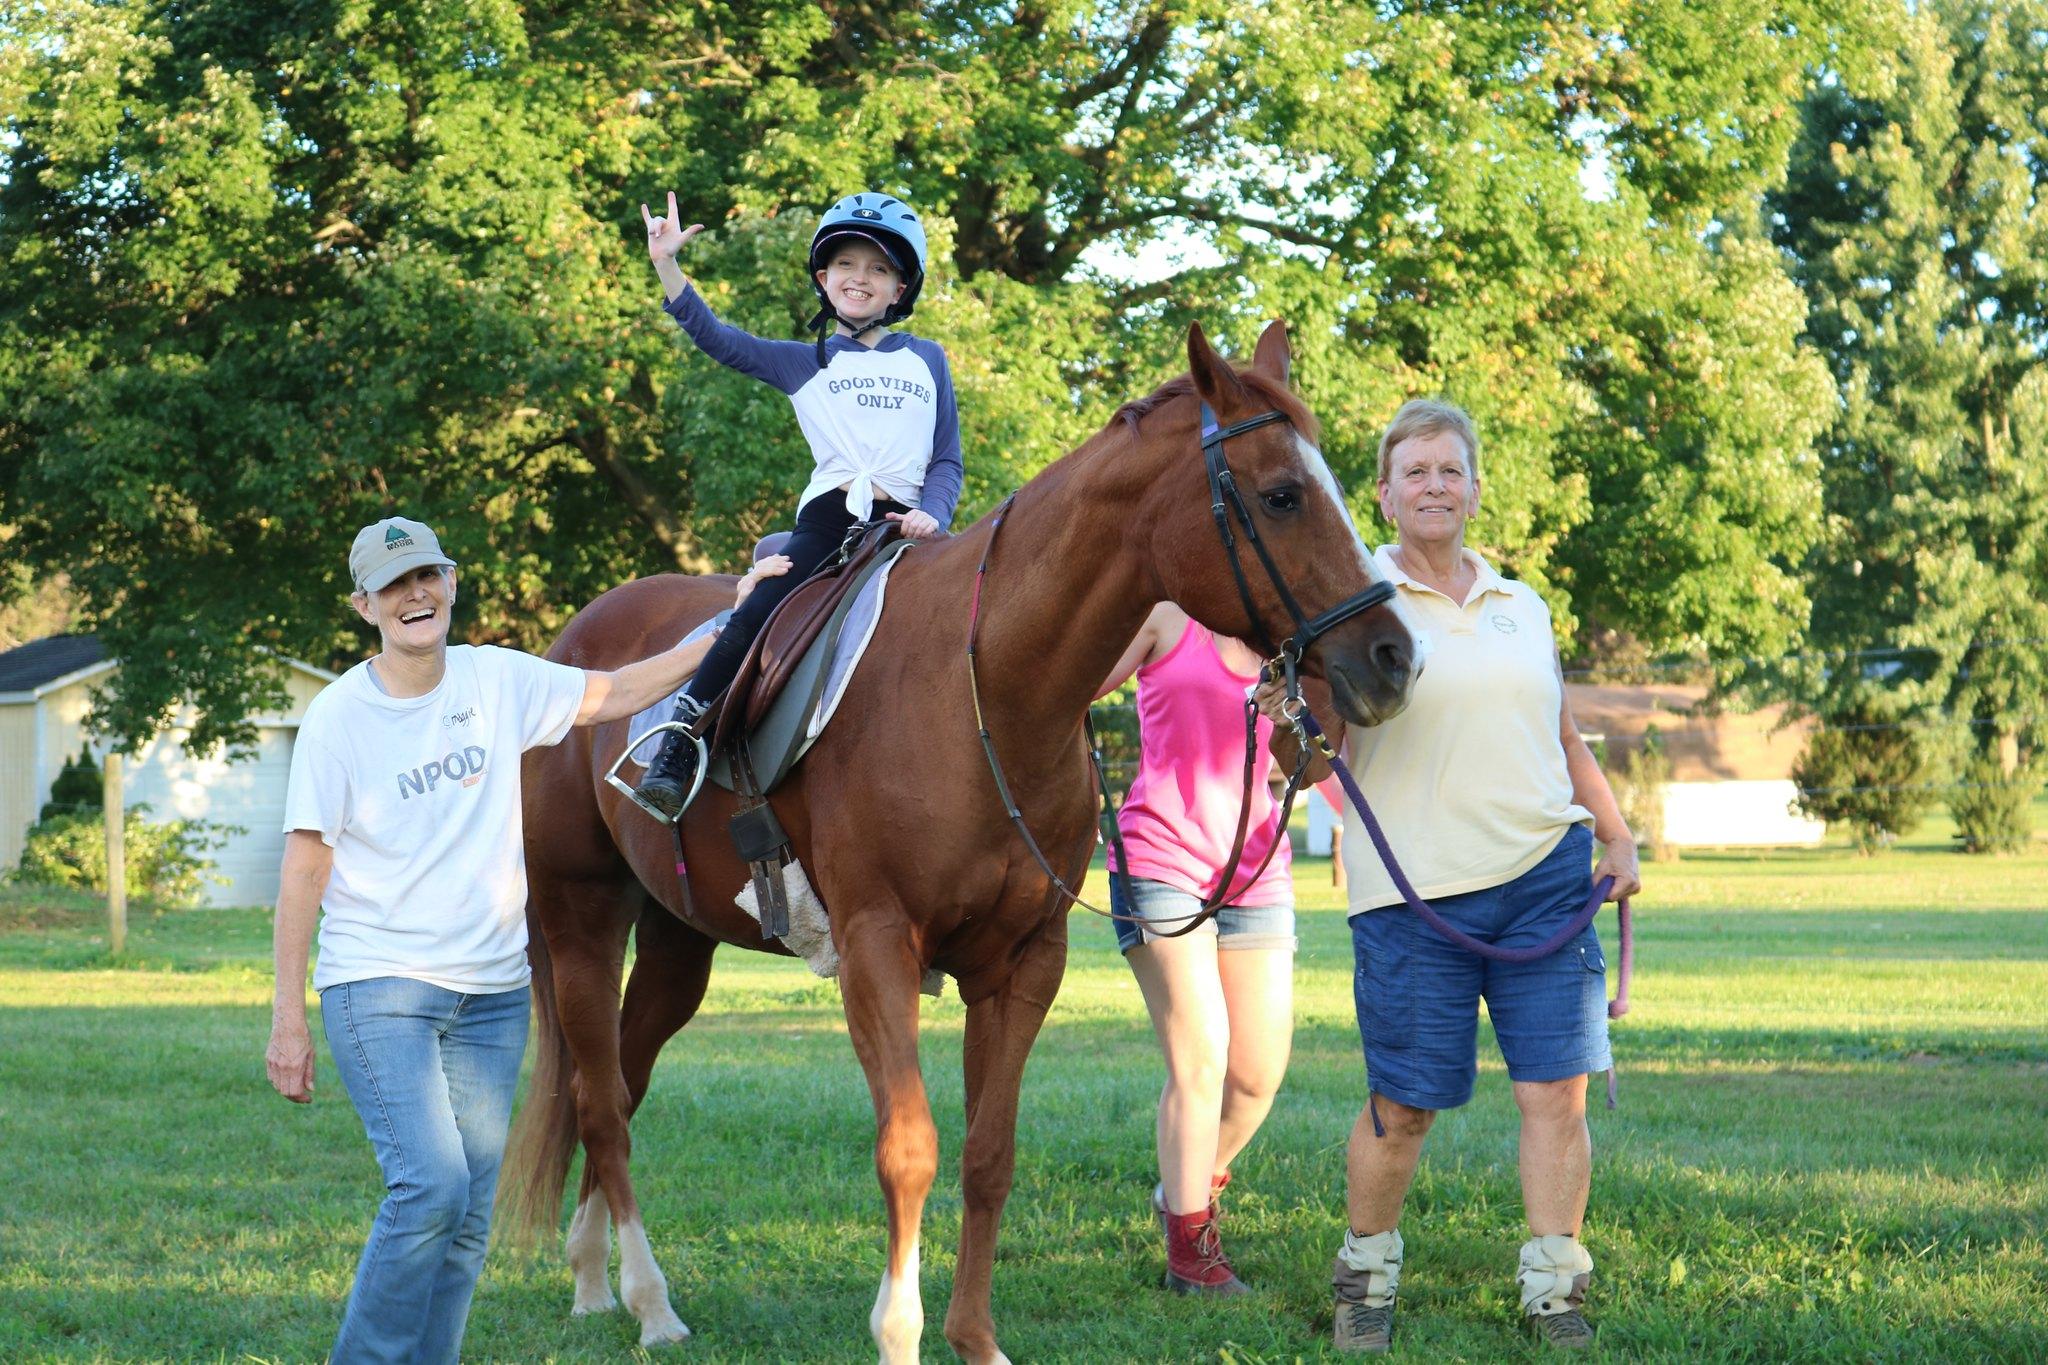 Inn Resident Horseback riding